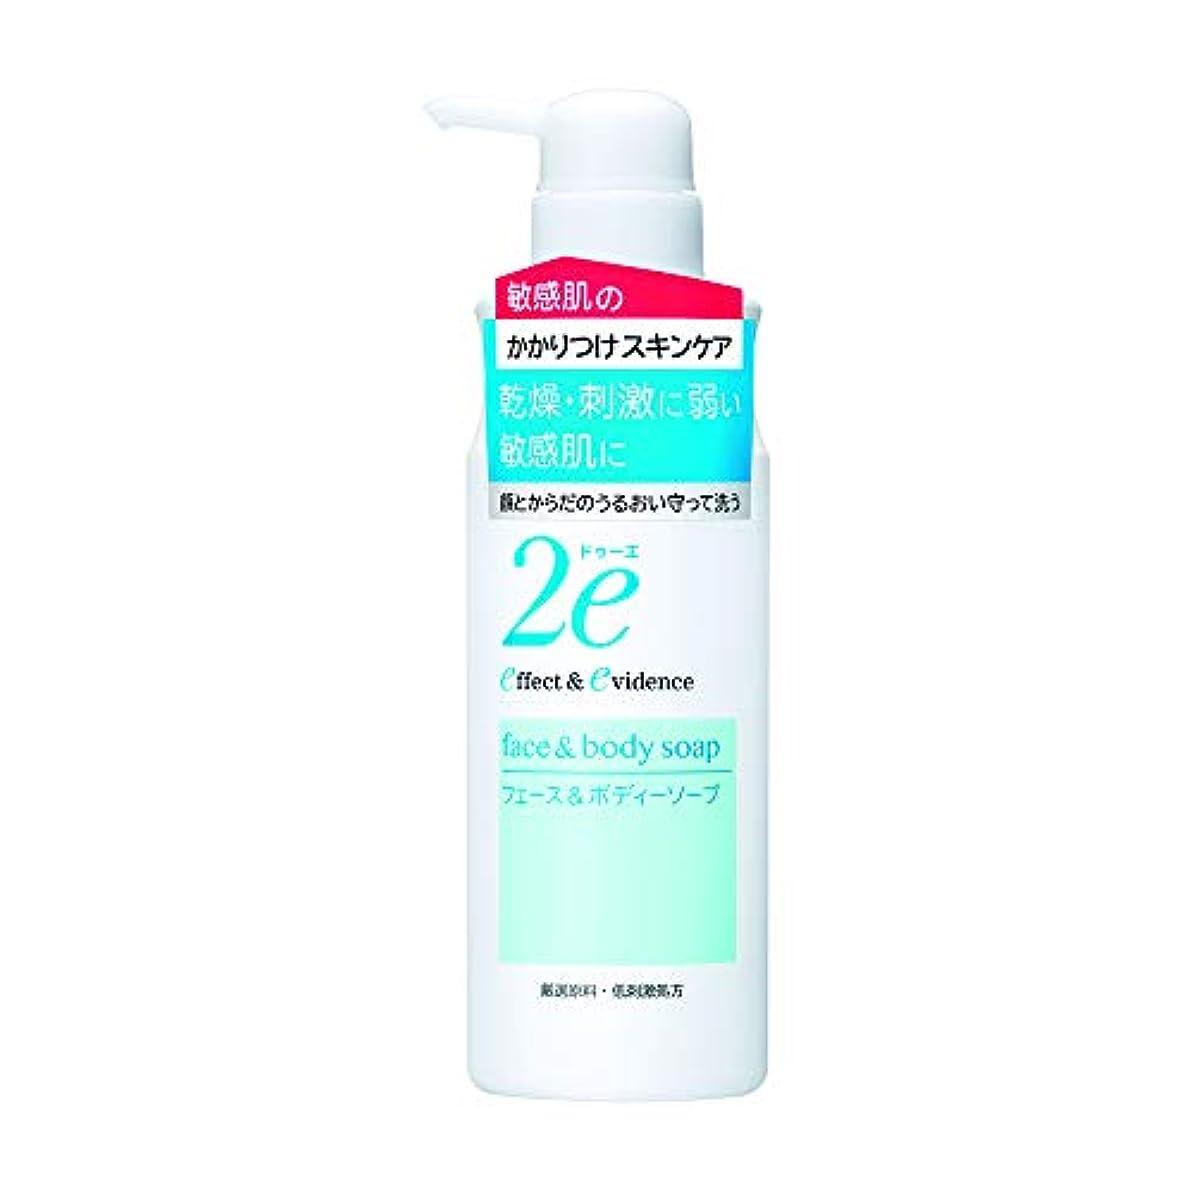 四回憂鬱な理論的2e(ドゥーエ) フェース&ボディーソープ 敏感肌用洗浄料 低刺激処方 420ml ボディソープ